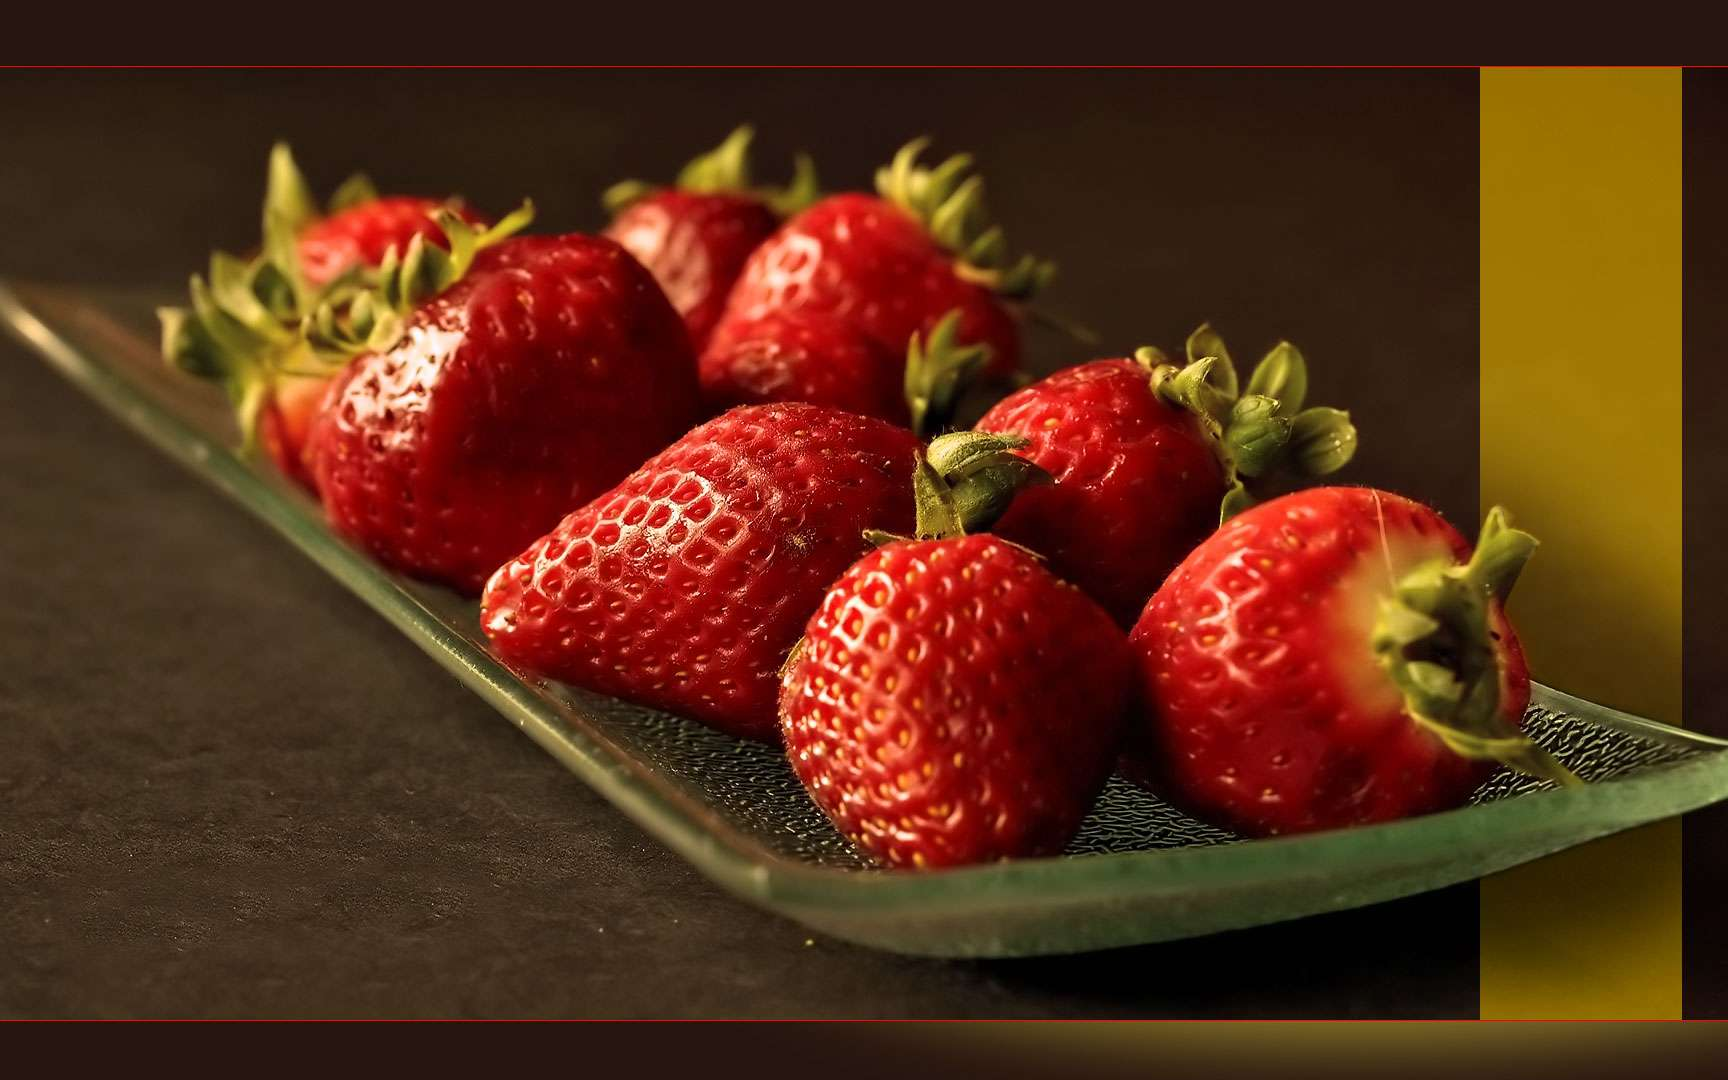 La fraise Gariguette est une variété très appréciée qui a été obtenue, en 1976 à l'Inra par croisement entre les variétés Belrubi et Favette. © YannGarPhoto, CC by-nc 2.0